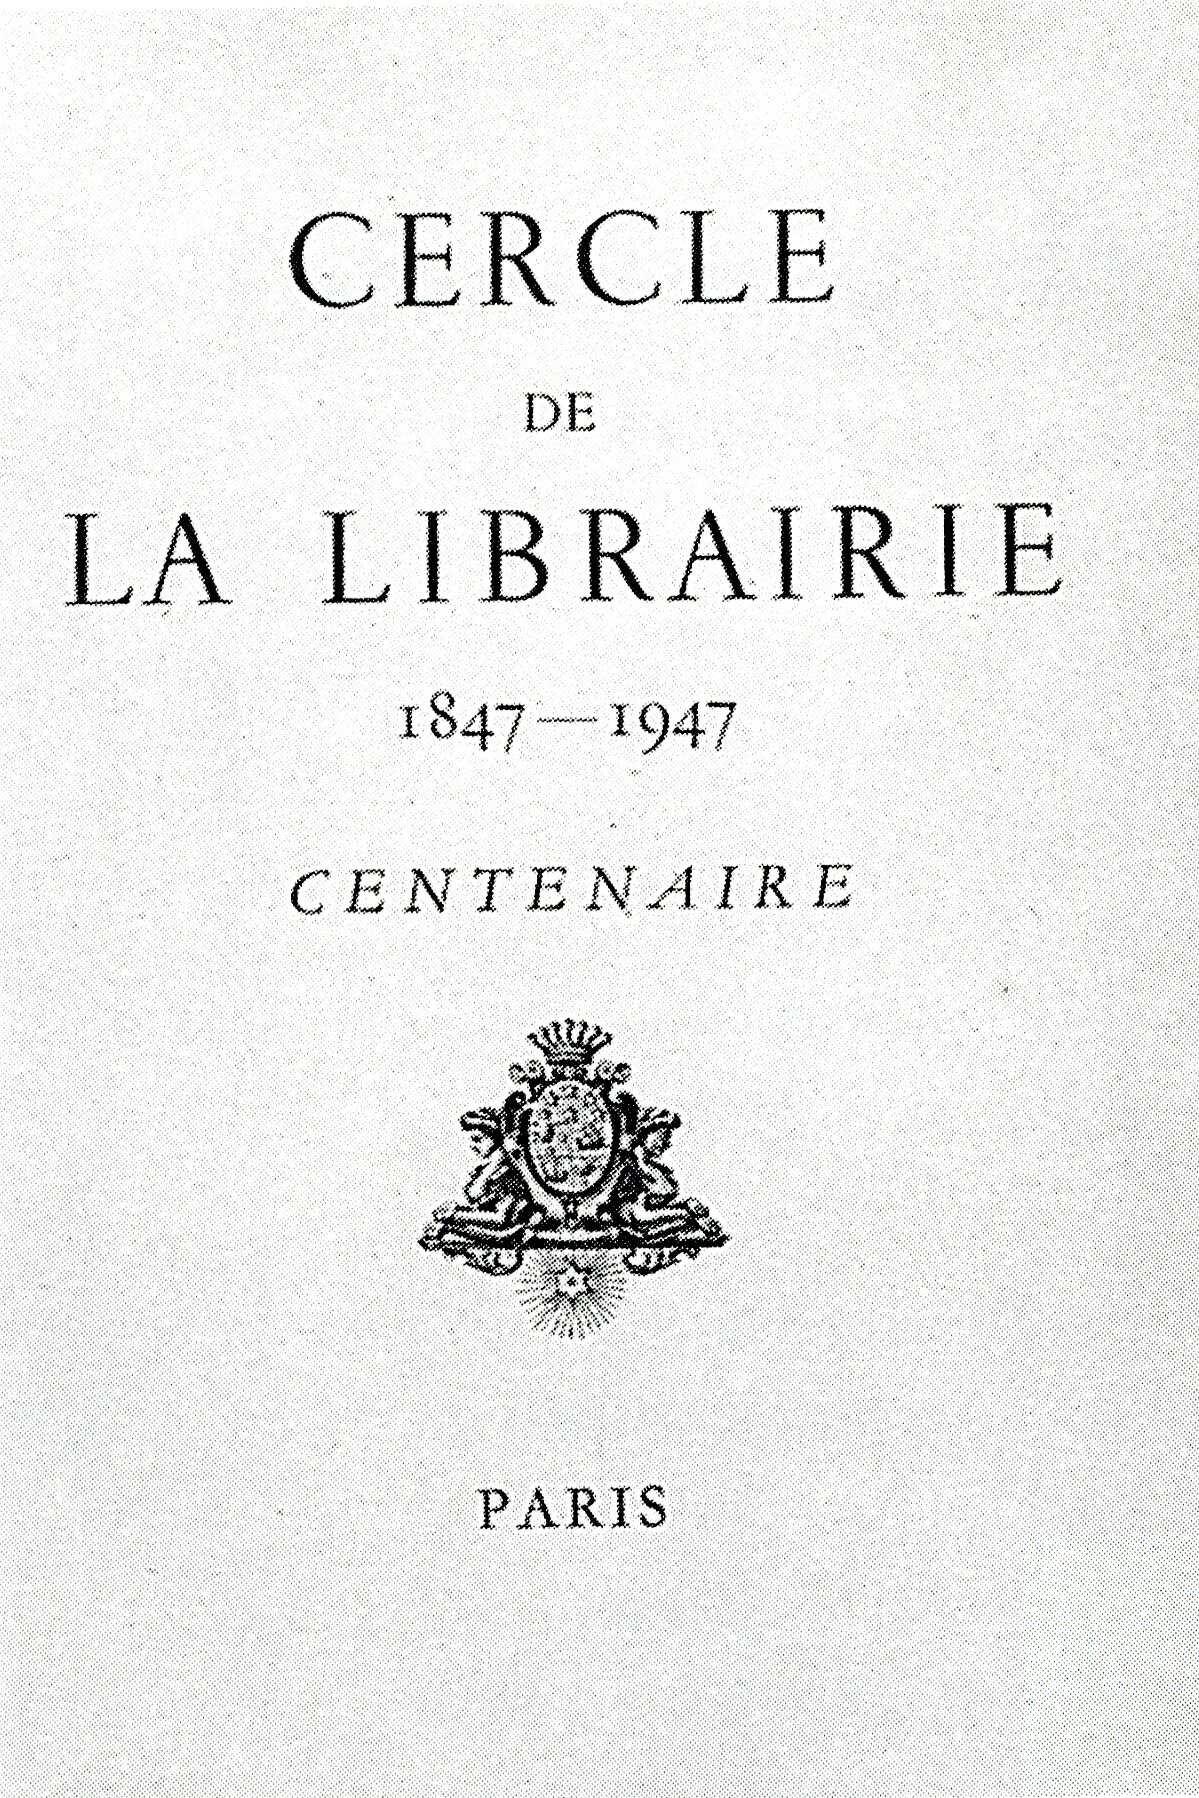 image for Cercle de la Librairie